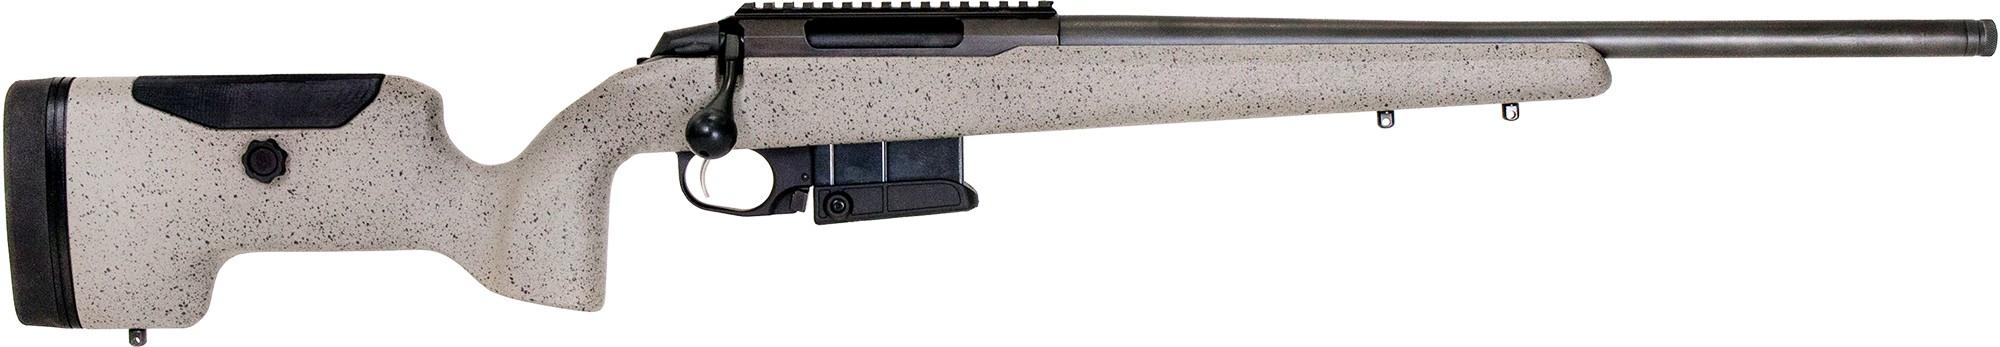 Tikka T3x UPR Kulgevär